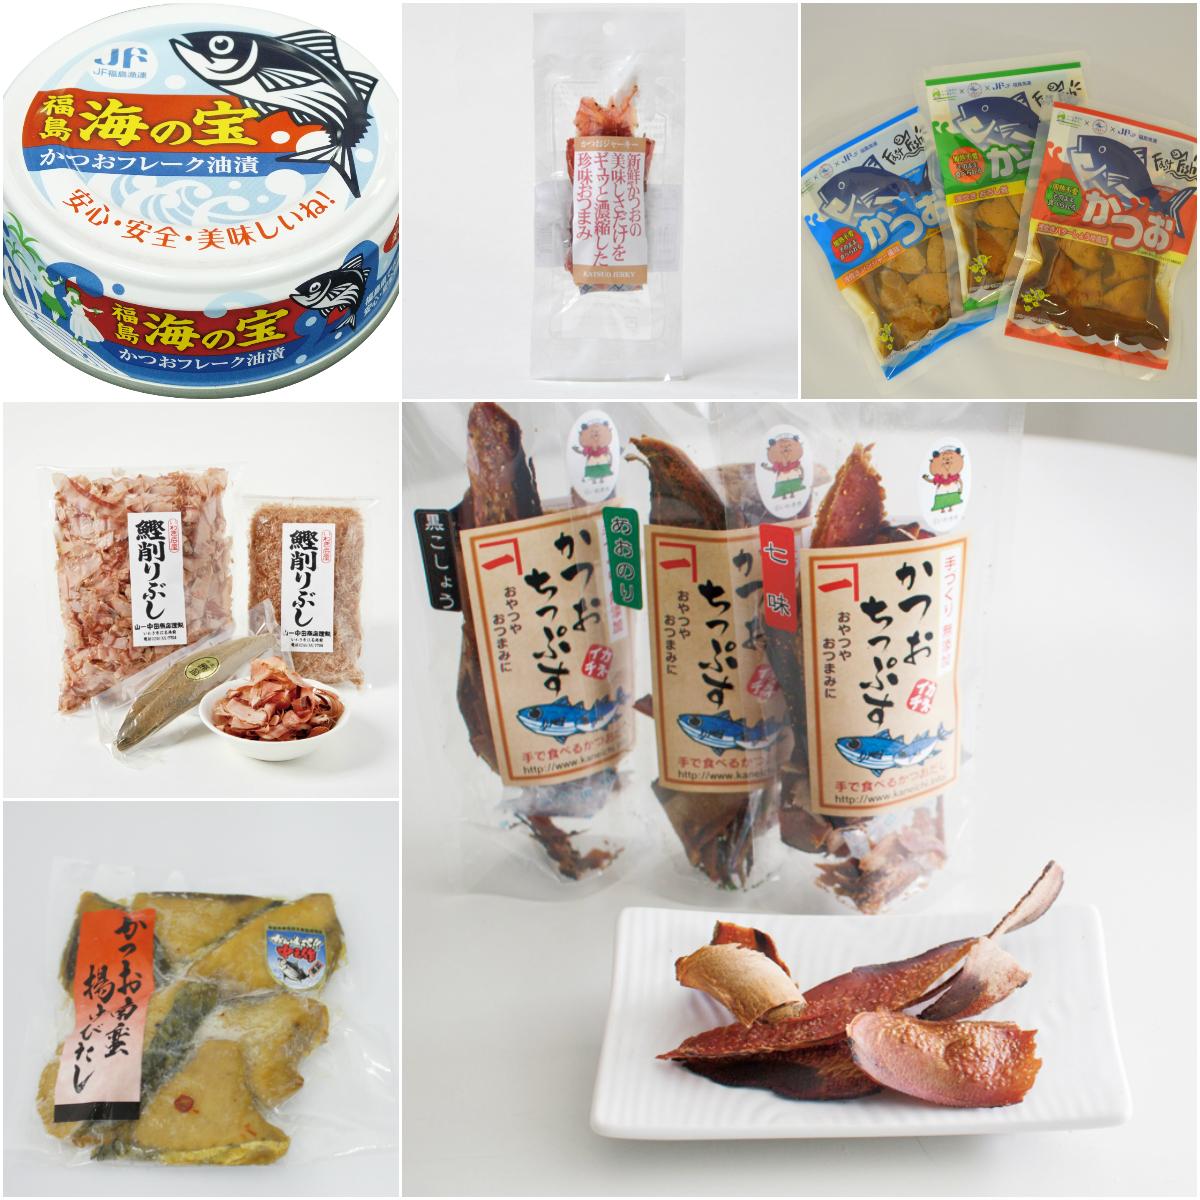 「カツオフェア」本日よりほるるにて開催!! [平成30年7月6日(金)]2